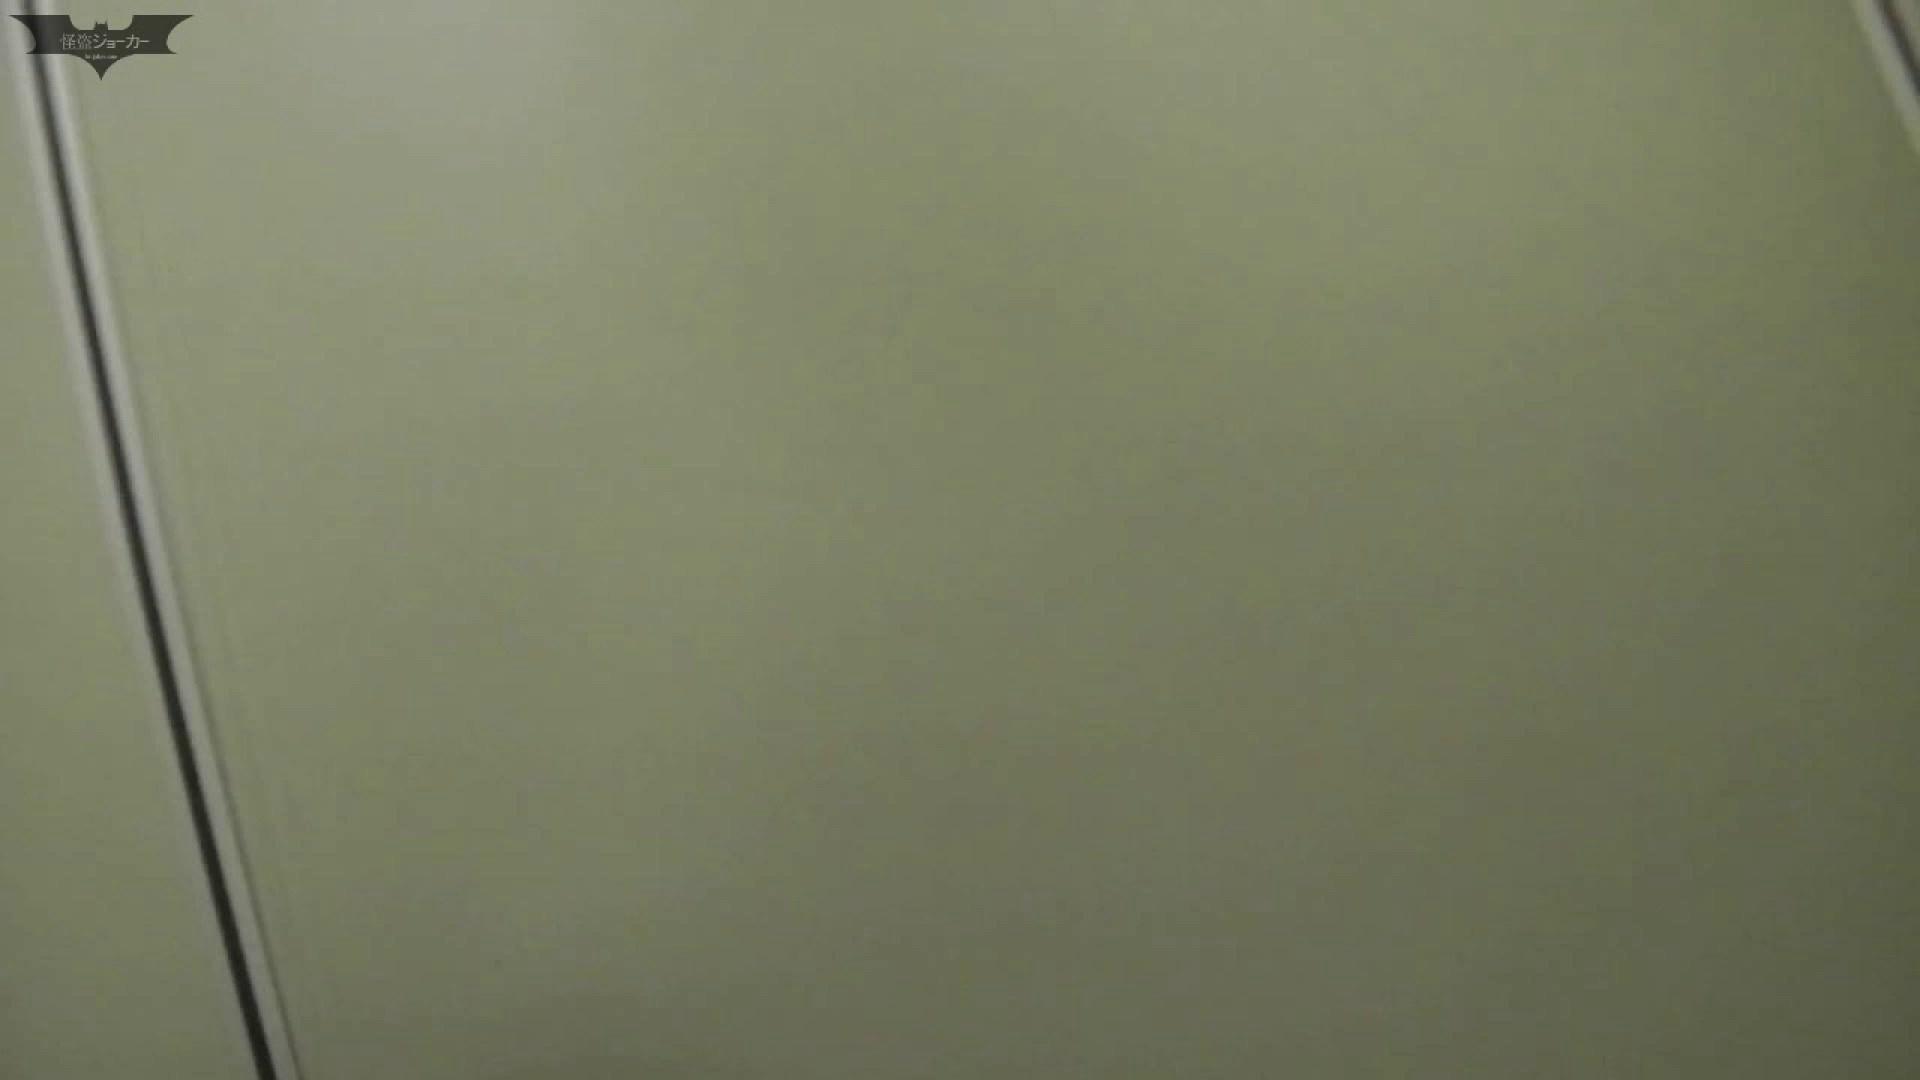 【期間・個数限定配信】 マンコ丸見え!第三体育館潜入撮File001 期間限定   マンコ特集  77連発 57